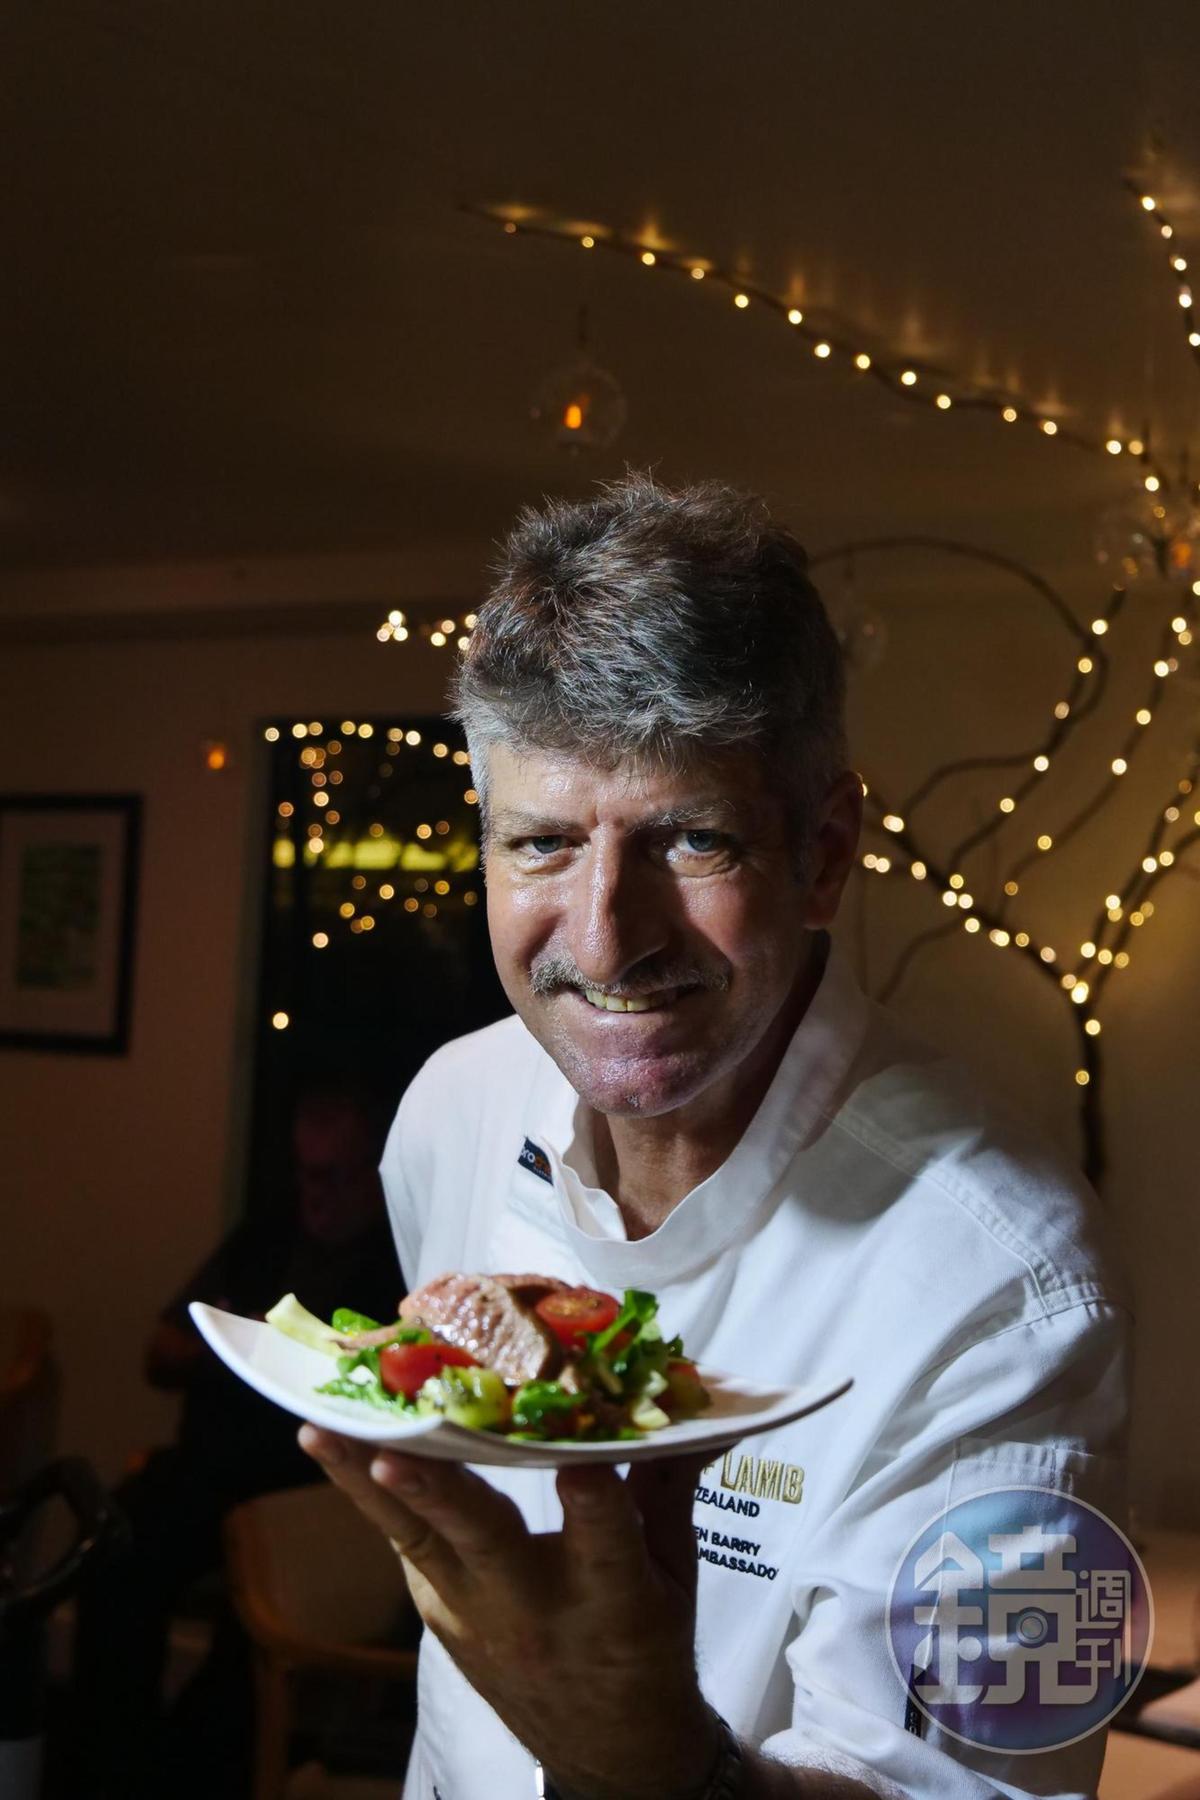 主廚Stephen Barry廚藝精湛,擅長創意料理。